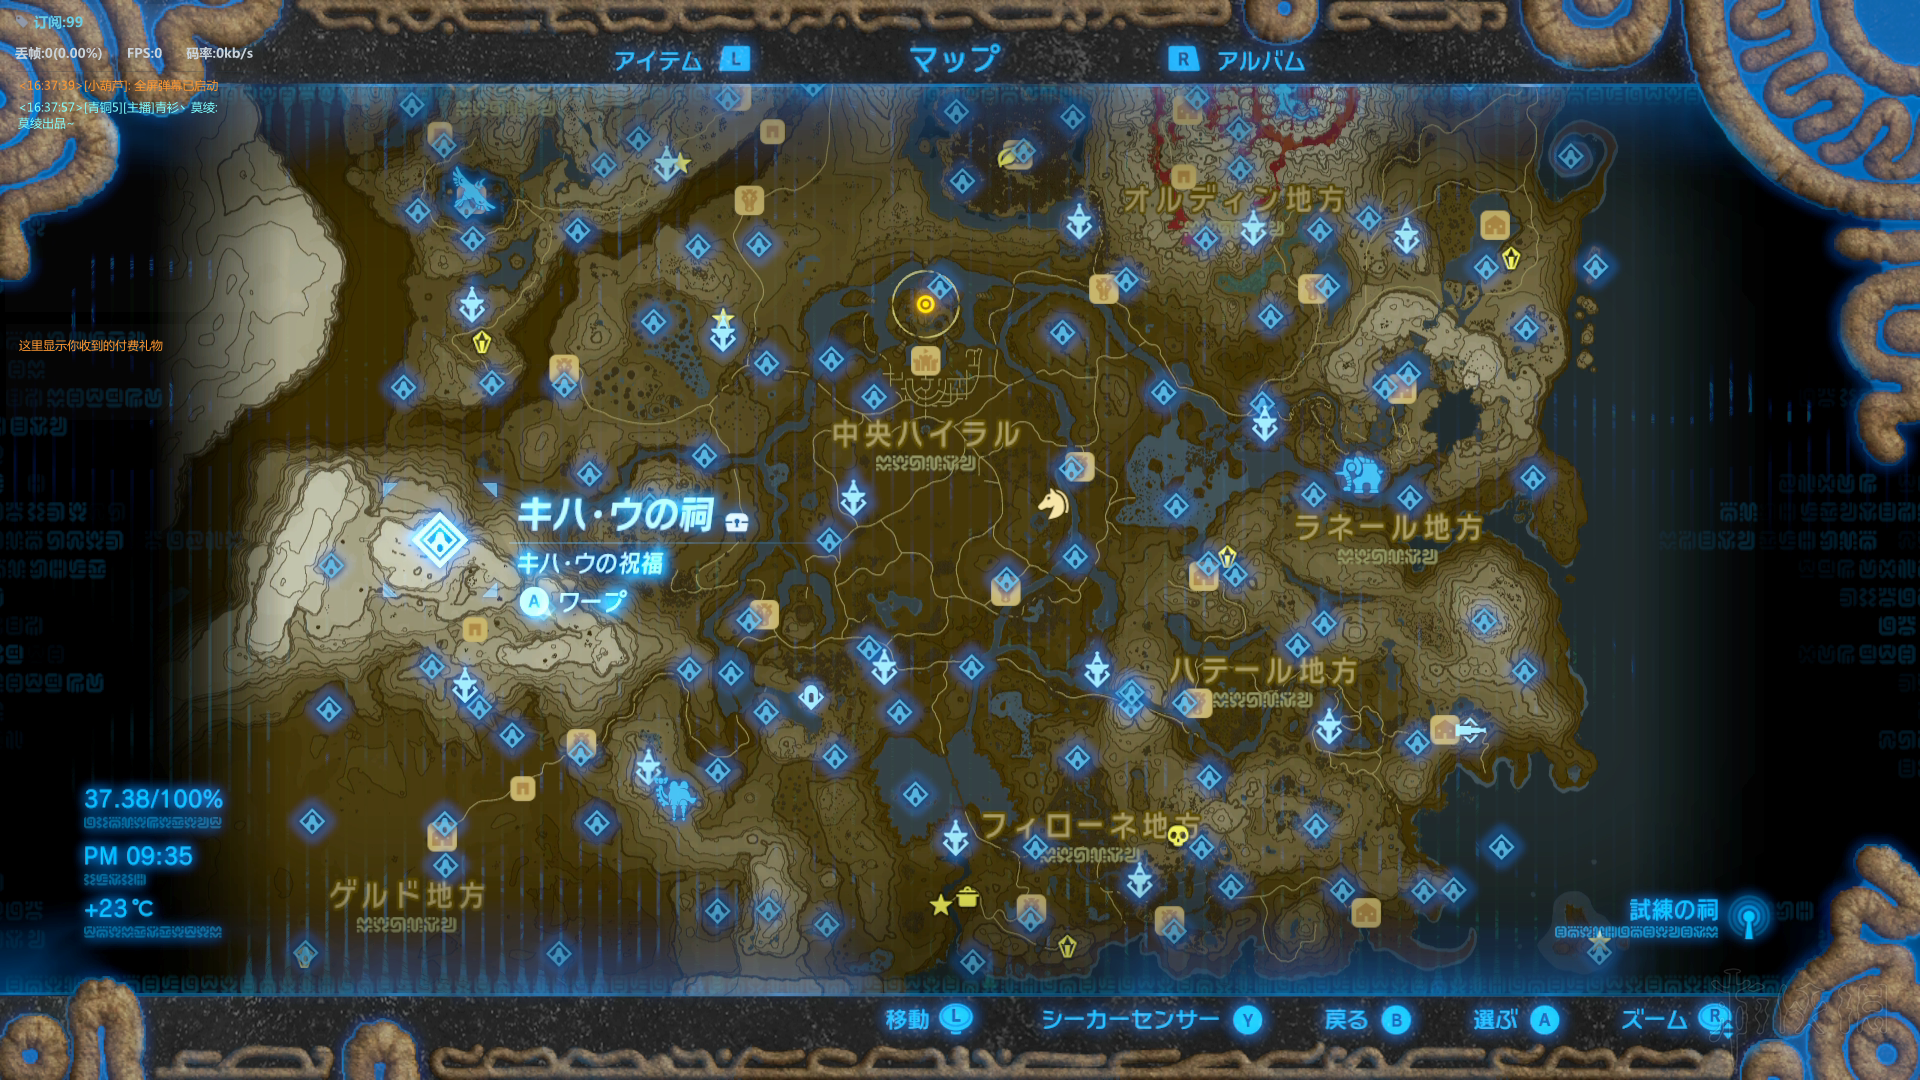 塞尔达传说梦见岛全迷宫流程一览 全迷宫地图分享图片